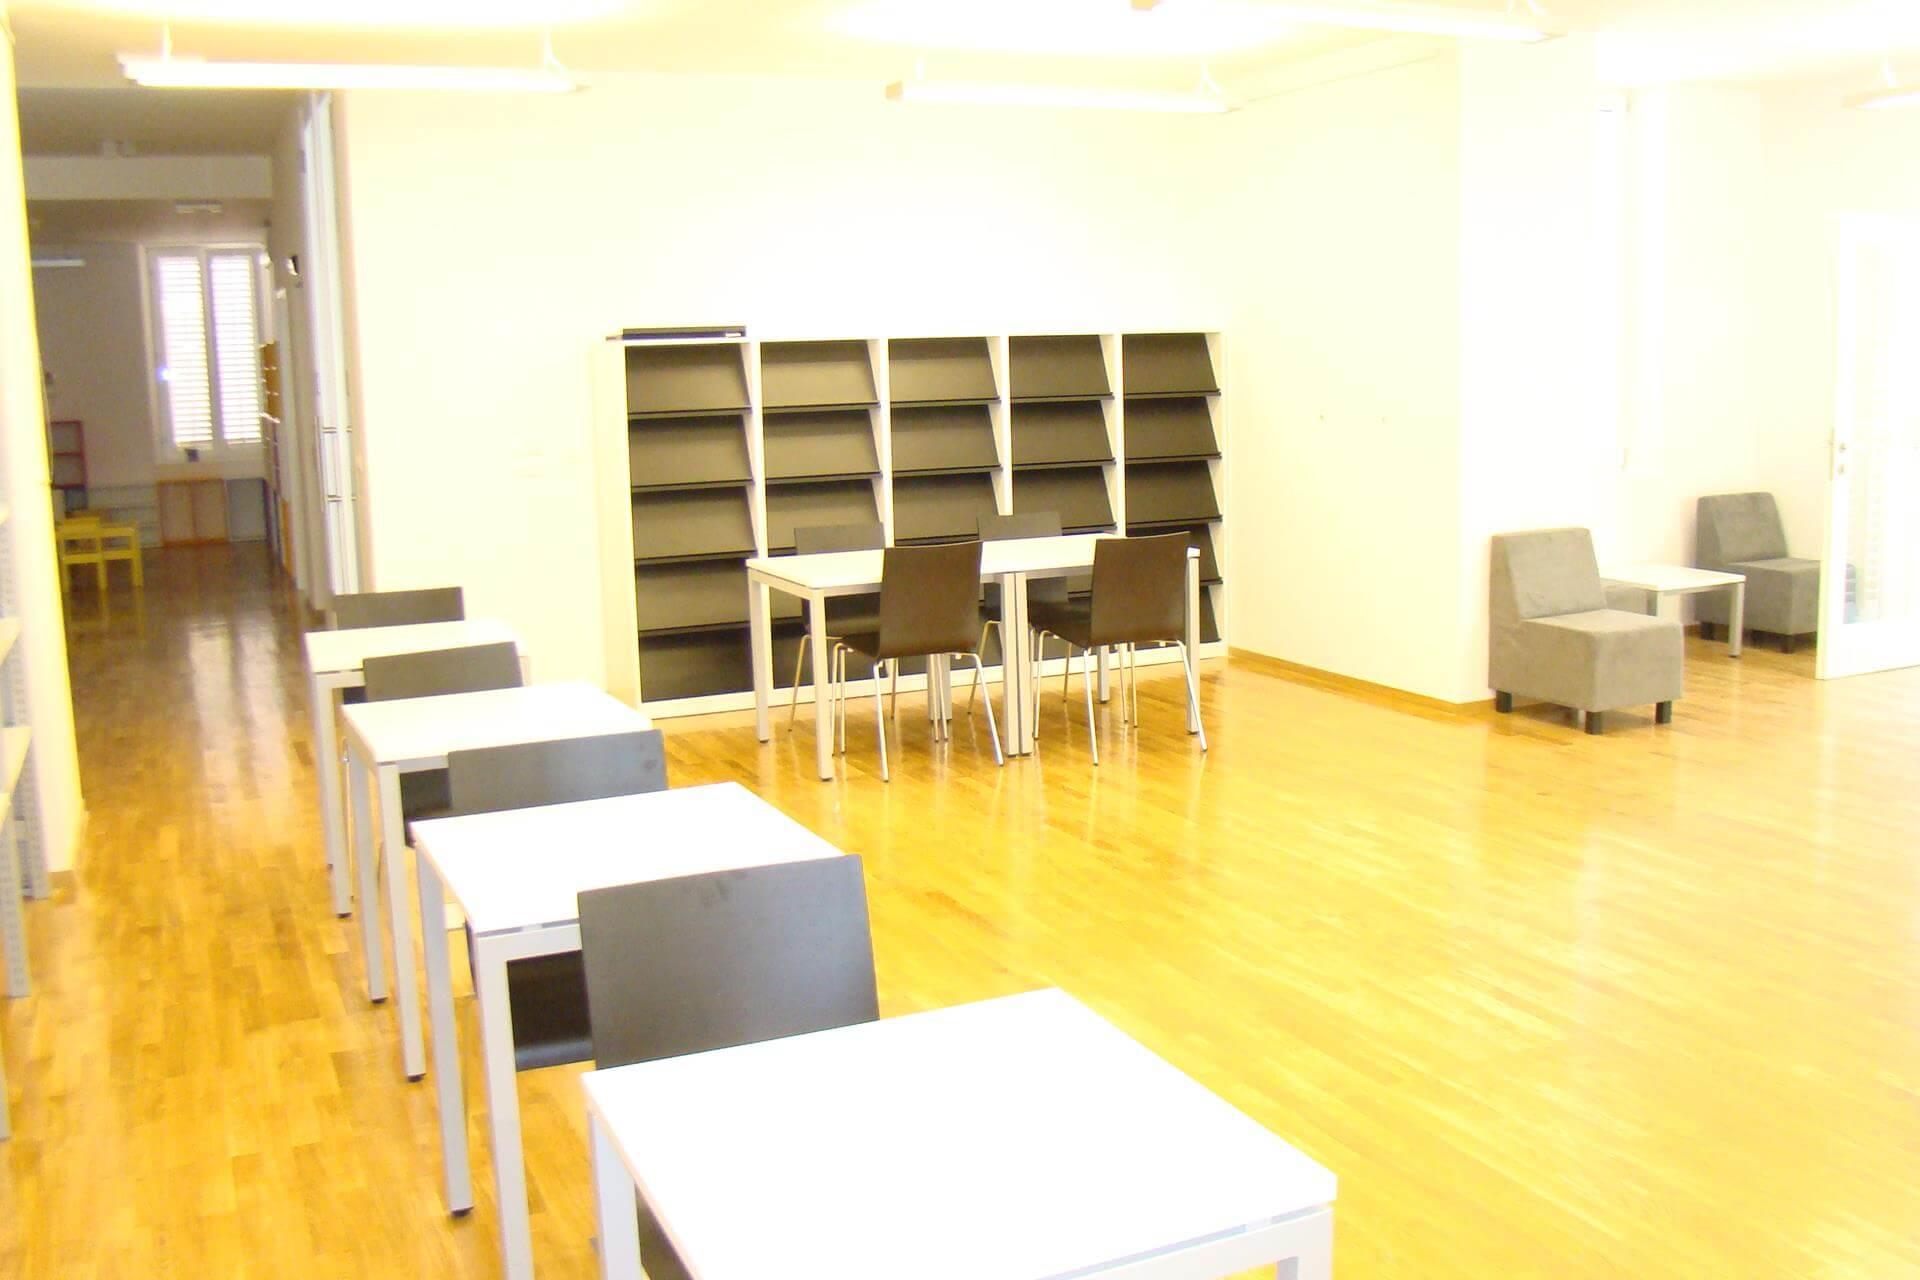 Knjižnice